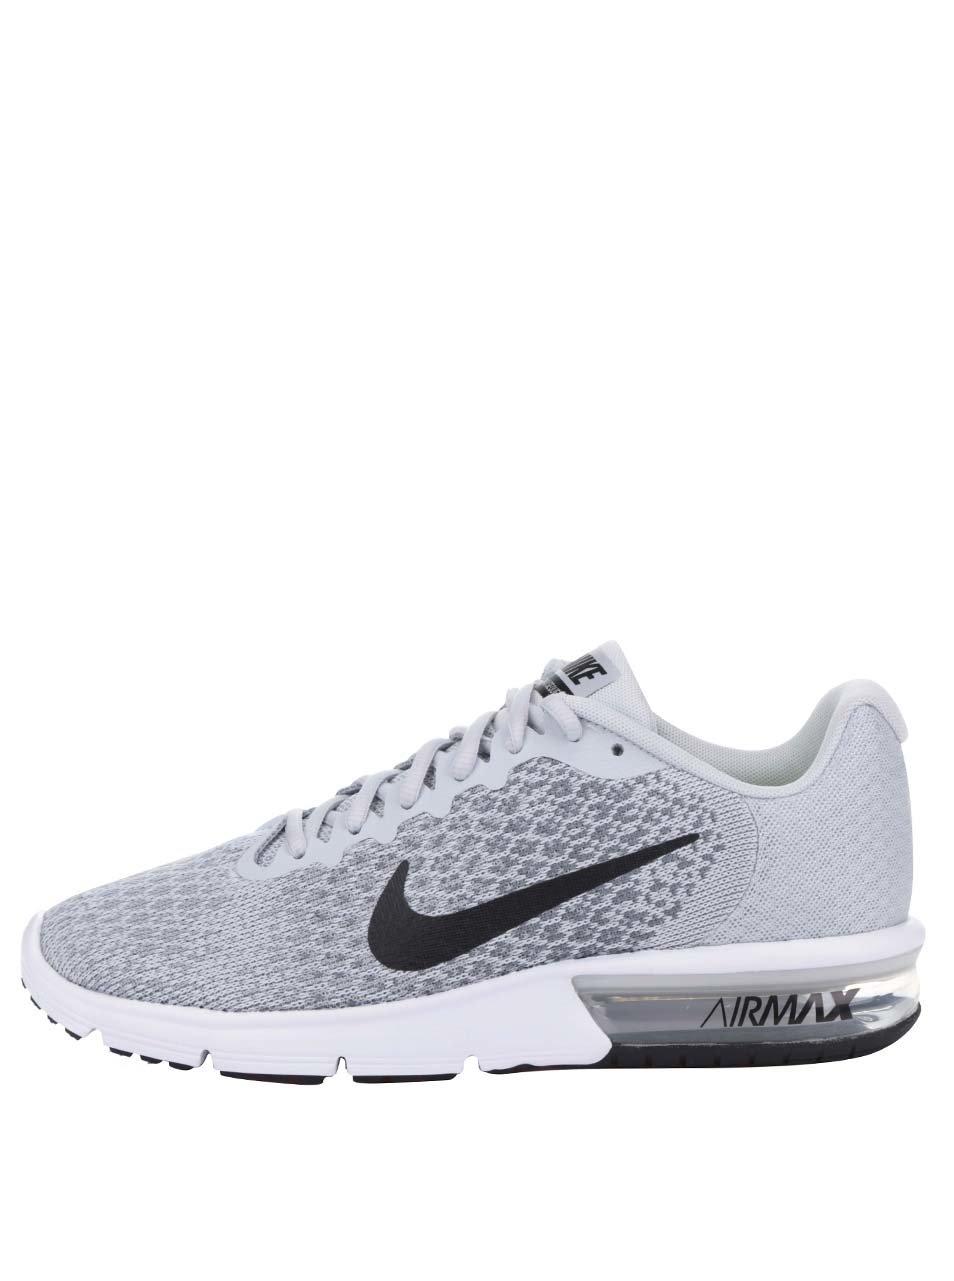 Šedé pánské žíhané tenisky Nike Air Max